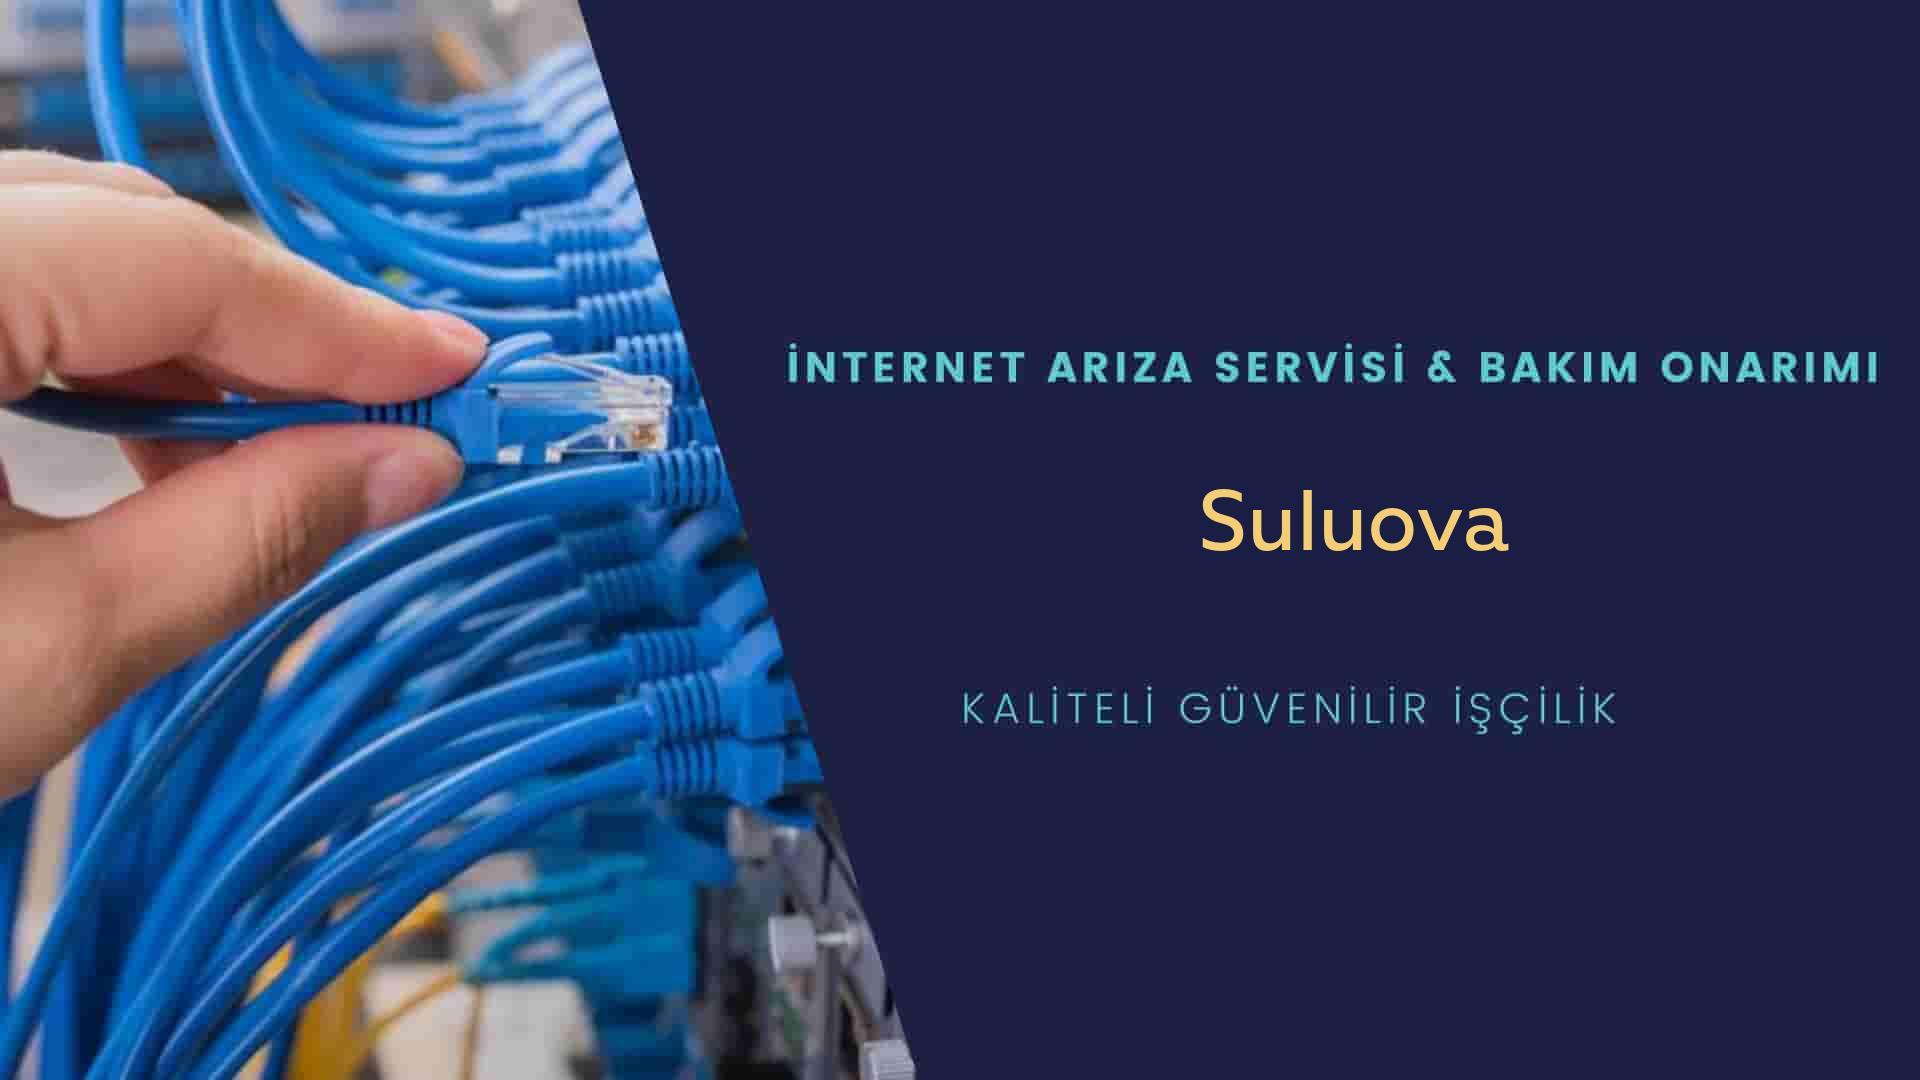 Suluova internet kablosu çekimi yapan yerler veya elektrikçiler mi? arıyorsunuz doğru yerdesiniz o zaman sizlere 7/24 yardımcı olacak profesyonel ustalarımız bir telefon kadar yakındır size.